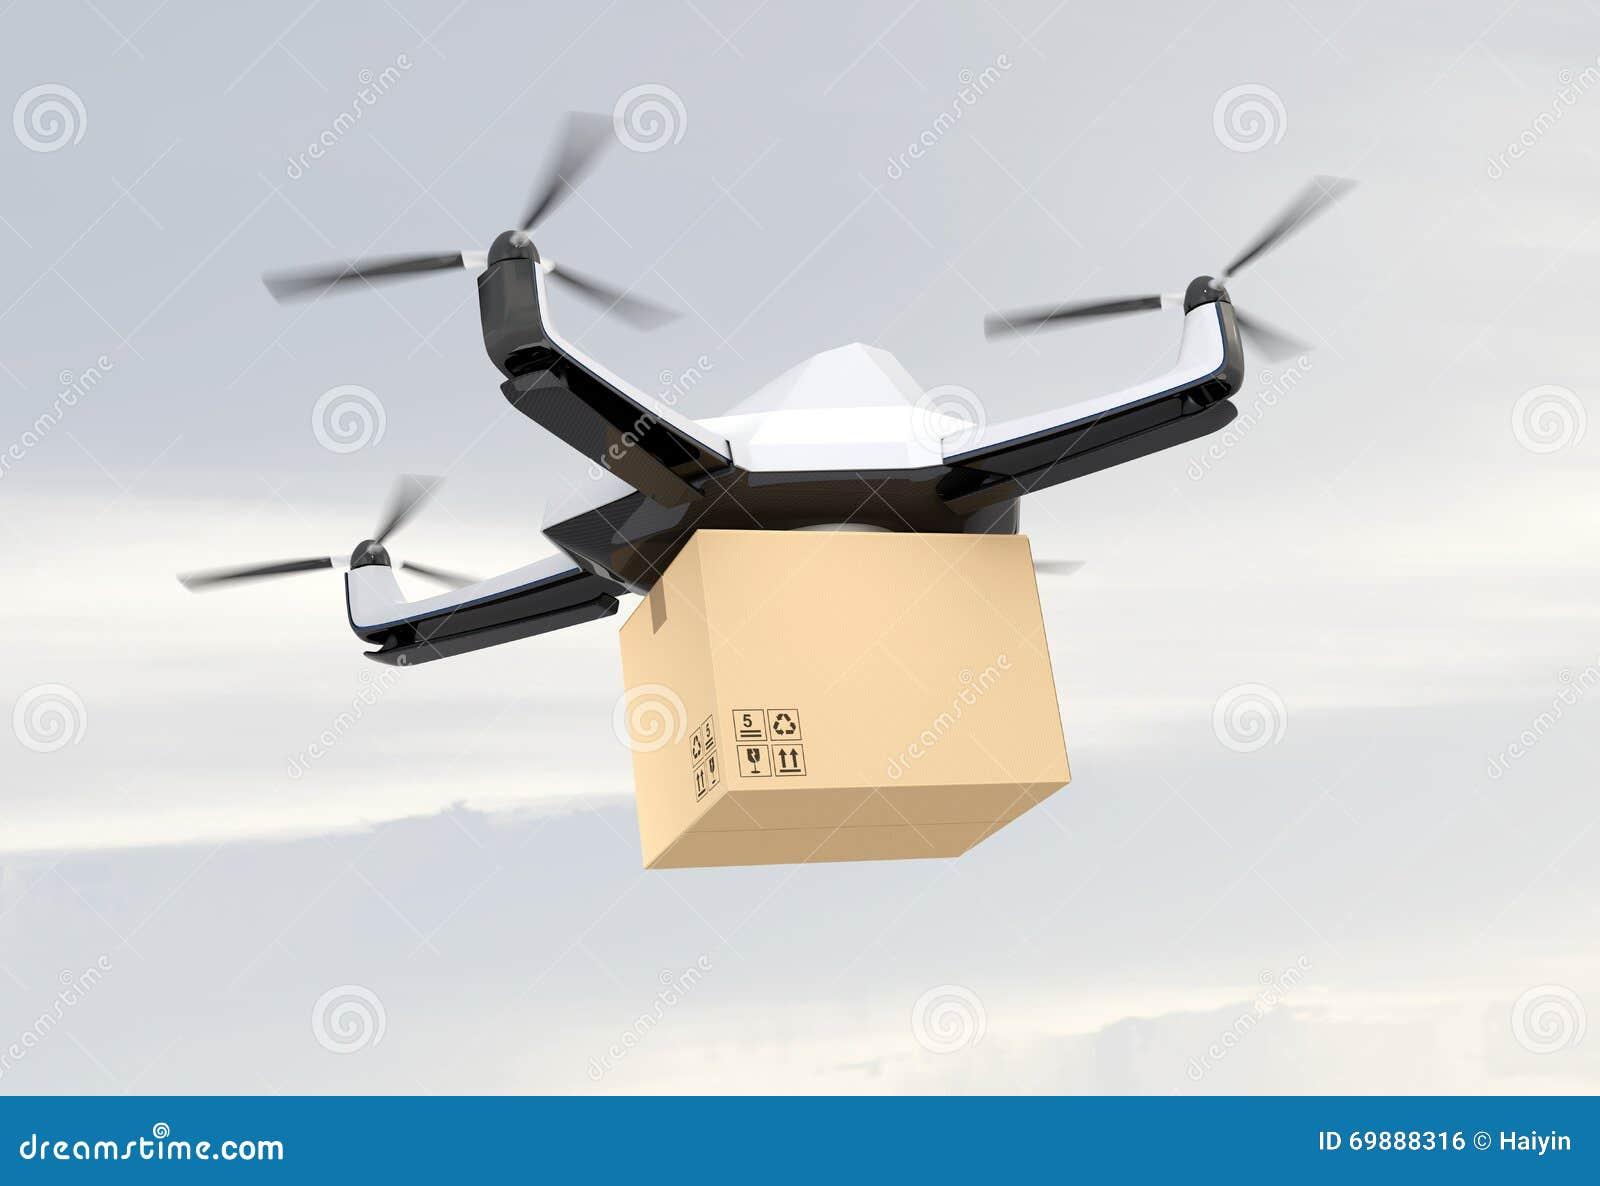 Αυτόνομος τηλεκατευθυνόμενος κηφήνας που παραδίδει το κουτί από χαρτόνι στον ουρανό